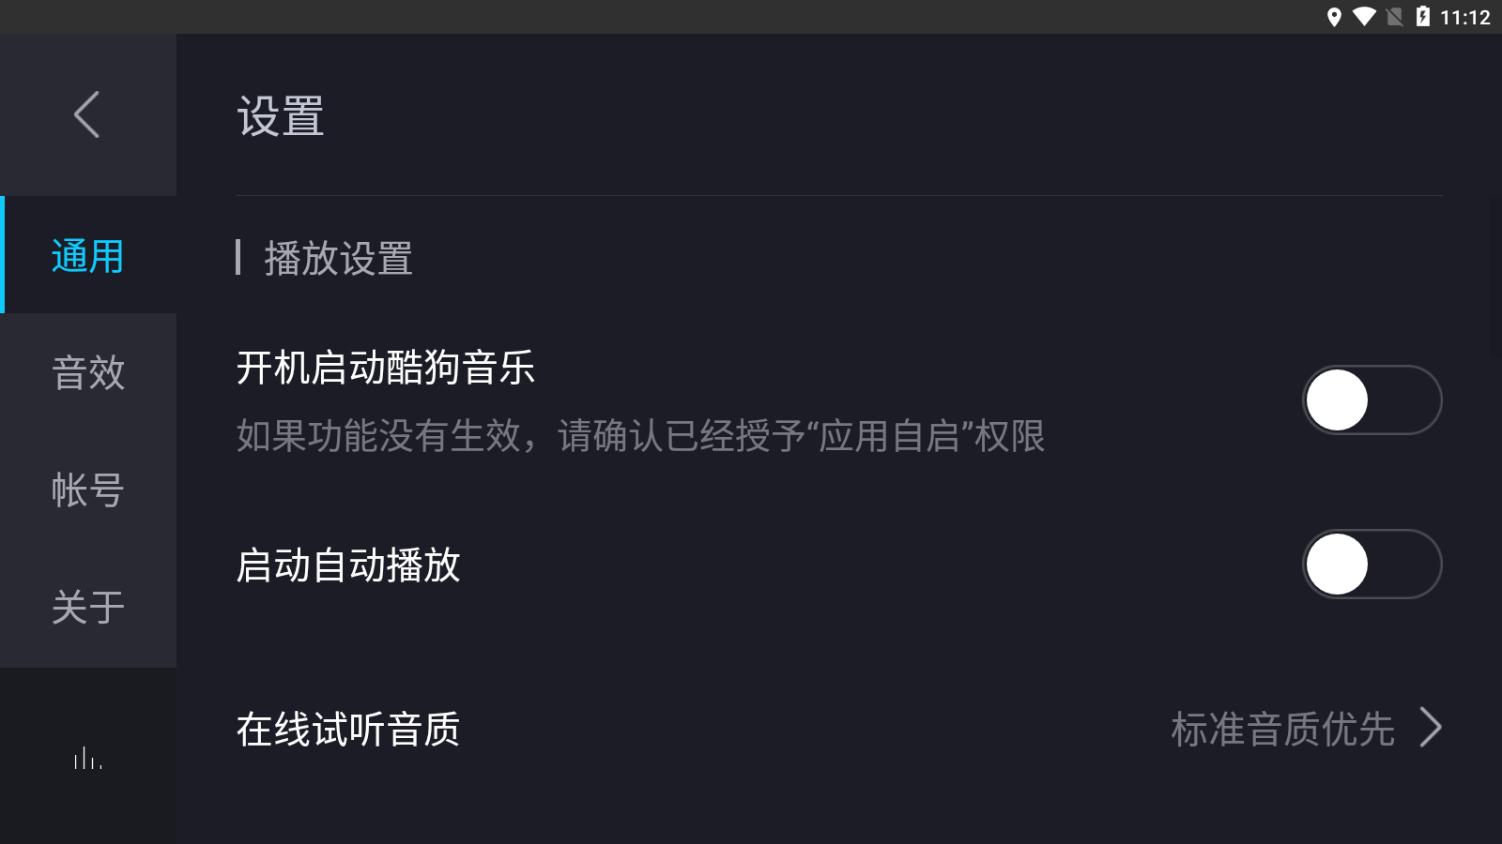 酷狗音乐车载版 V1.1.7 安卓最新版截图4